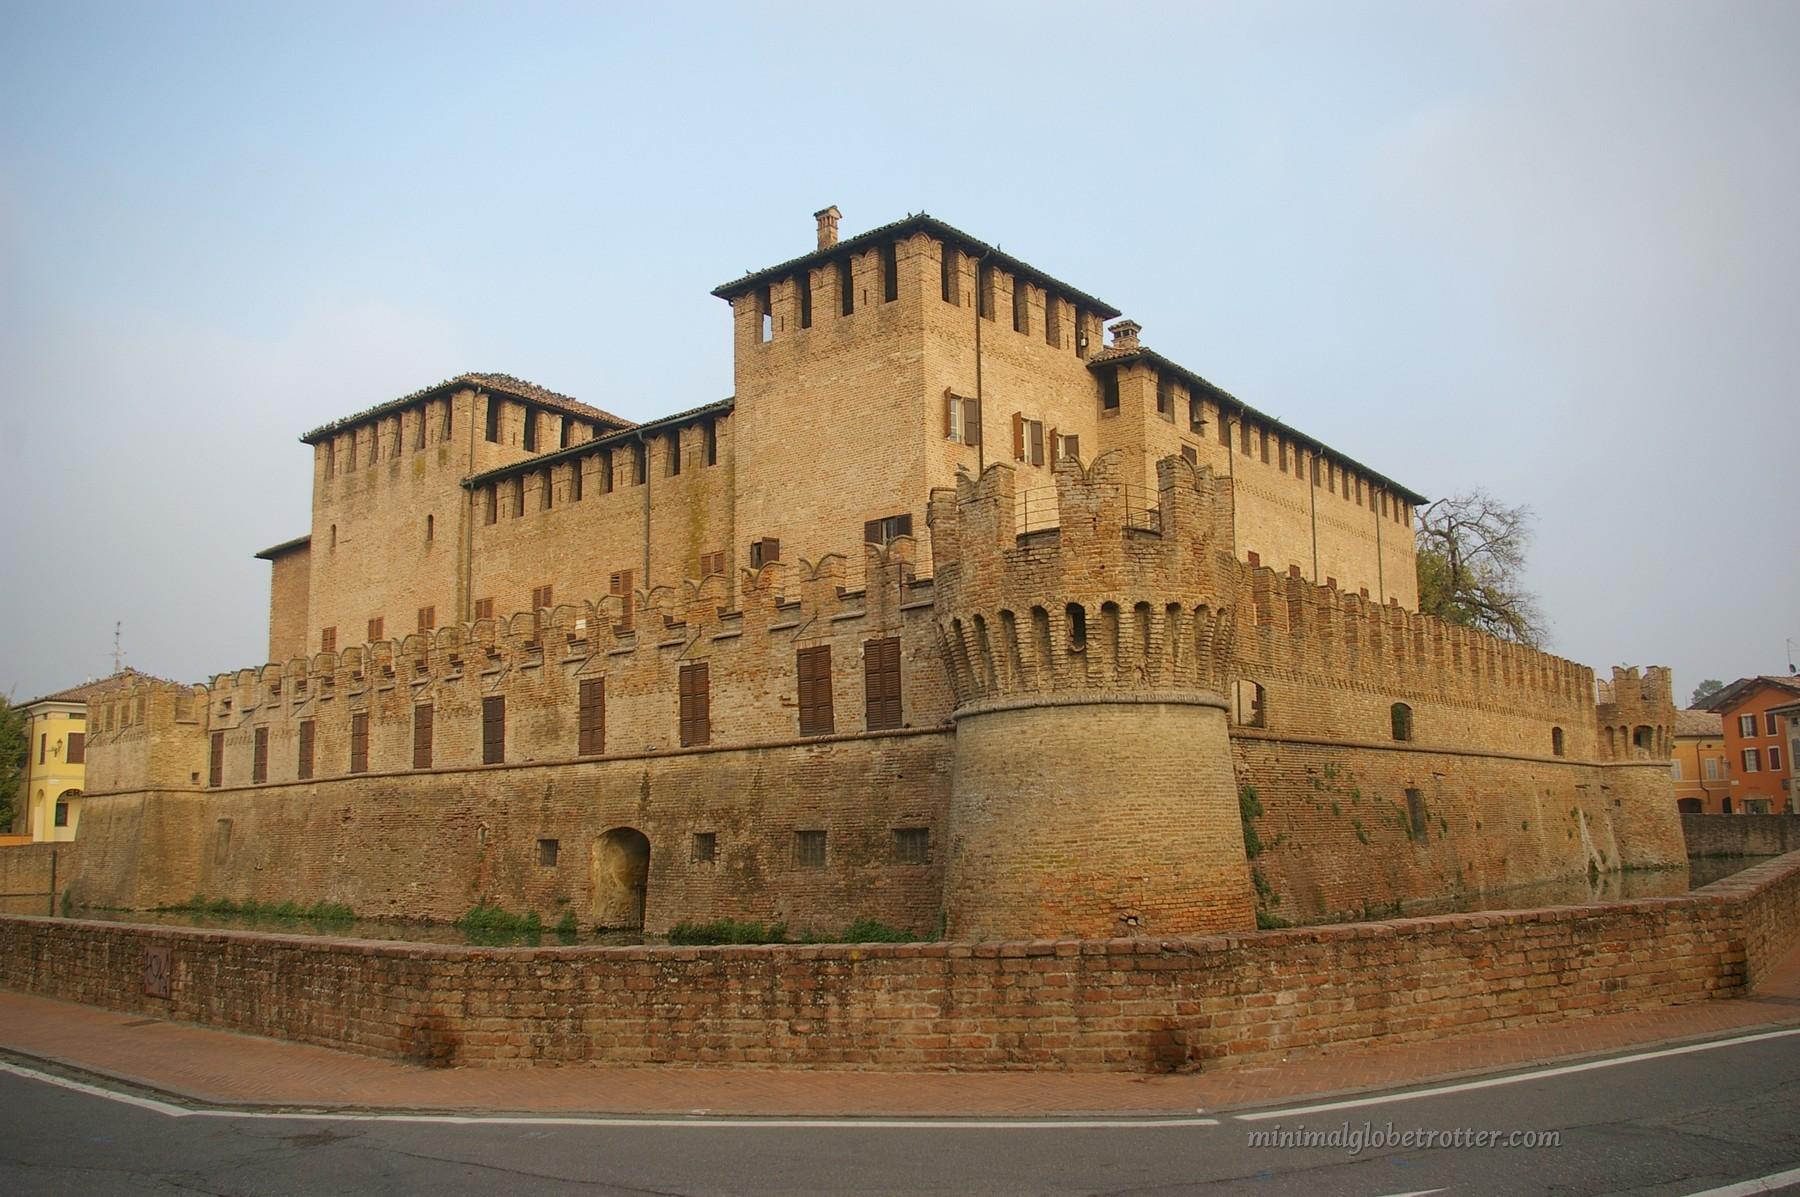 Castelli di Parma e Piacenza rocca San Vitale Fontanellato